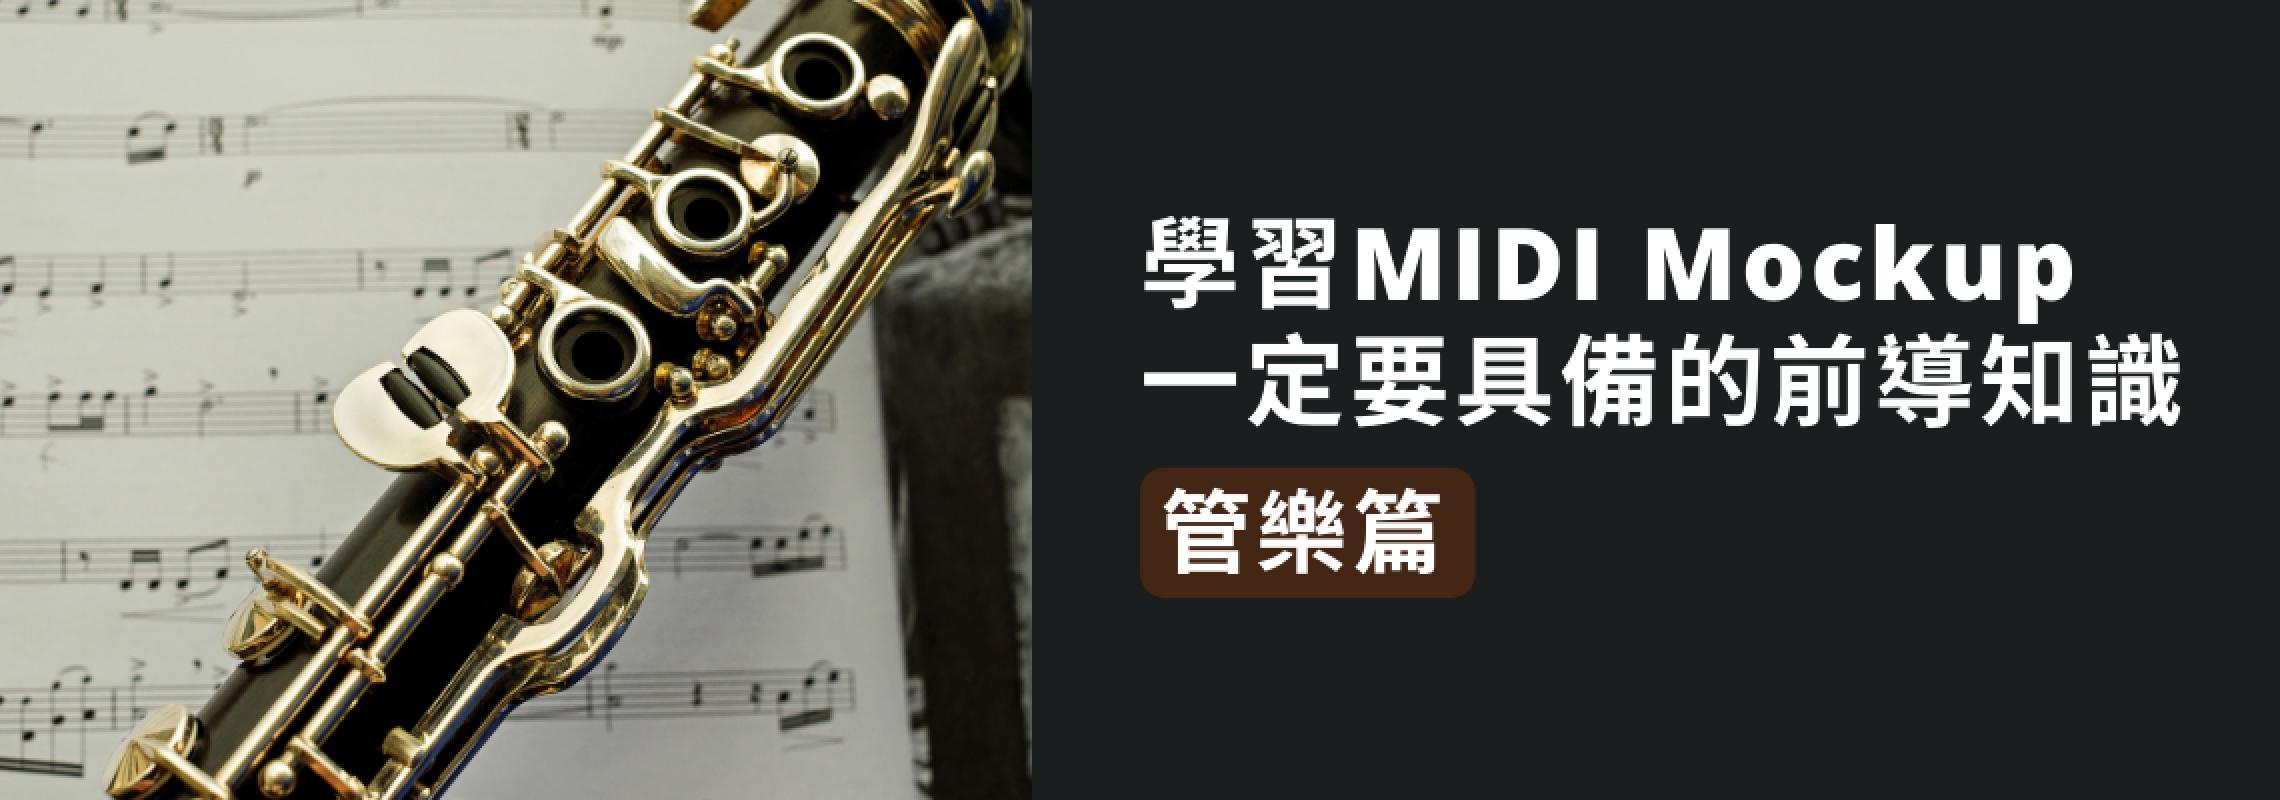 學習MIDI Mockup一定要具備的前導知識:管樂篇